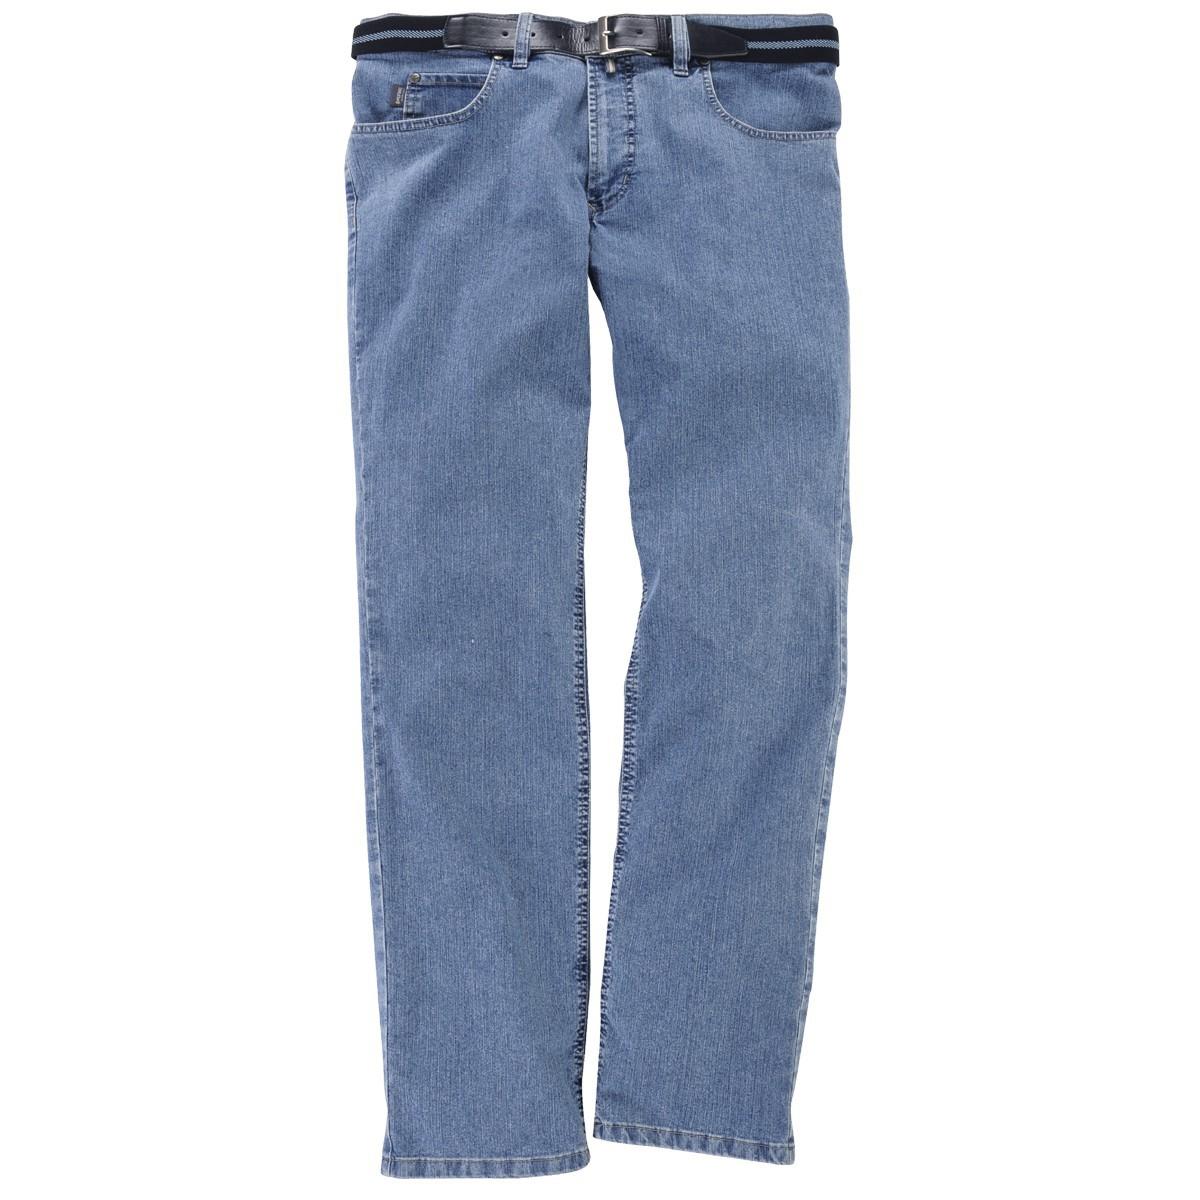 pionier stretch jeans jeansblau alle bergr en. Black Bedroom Furniture Sets. Home Design Ideas